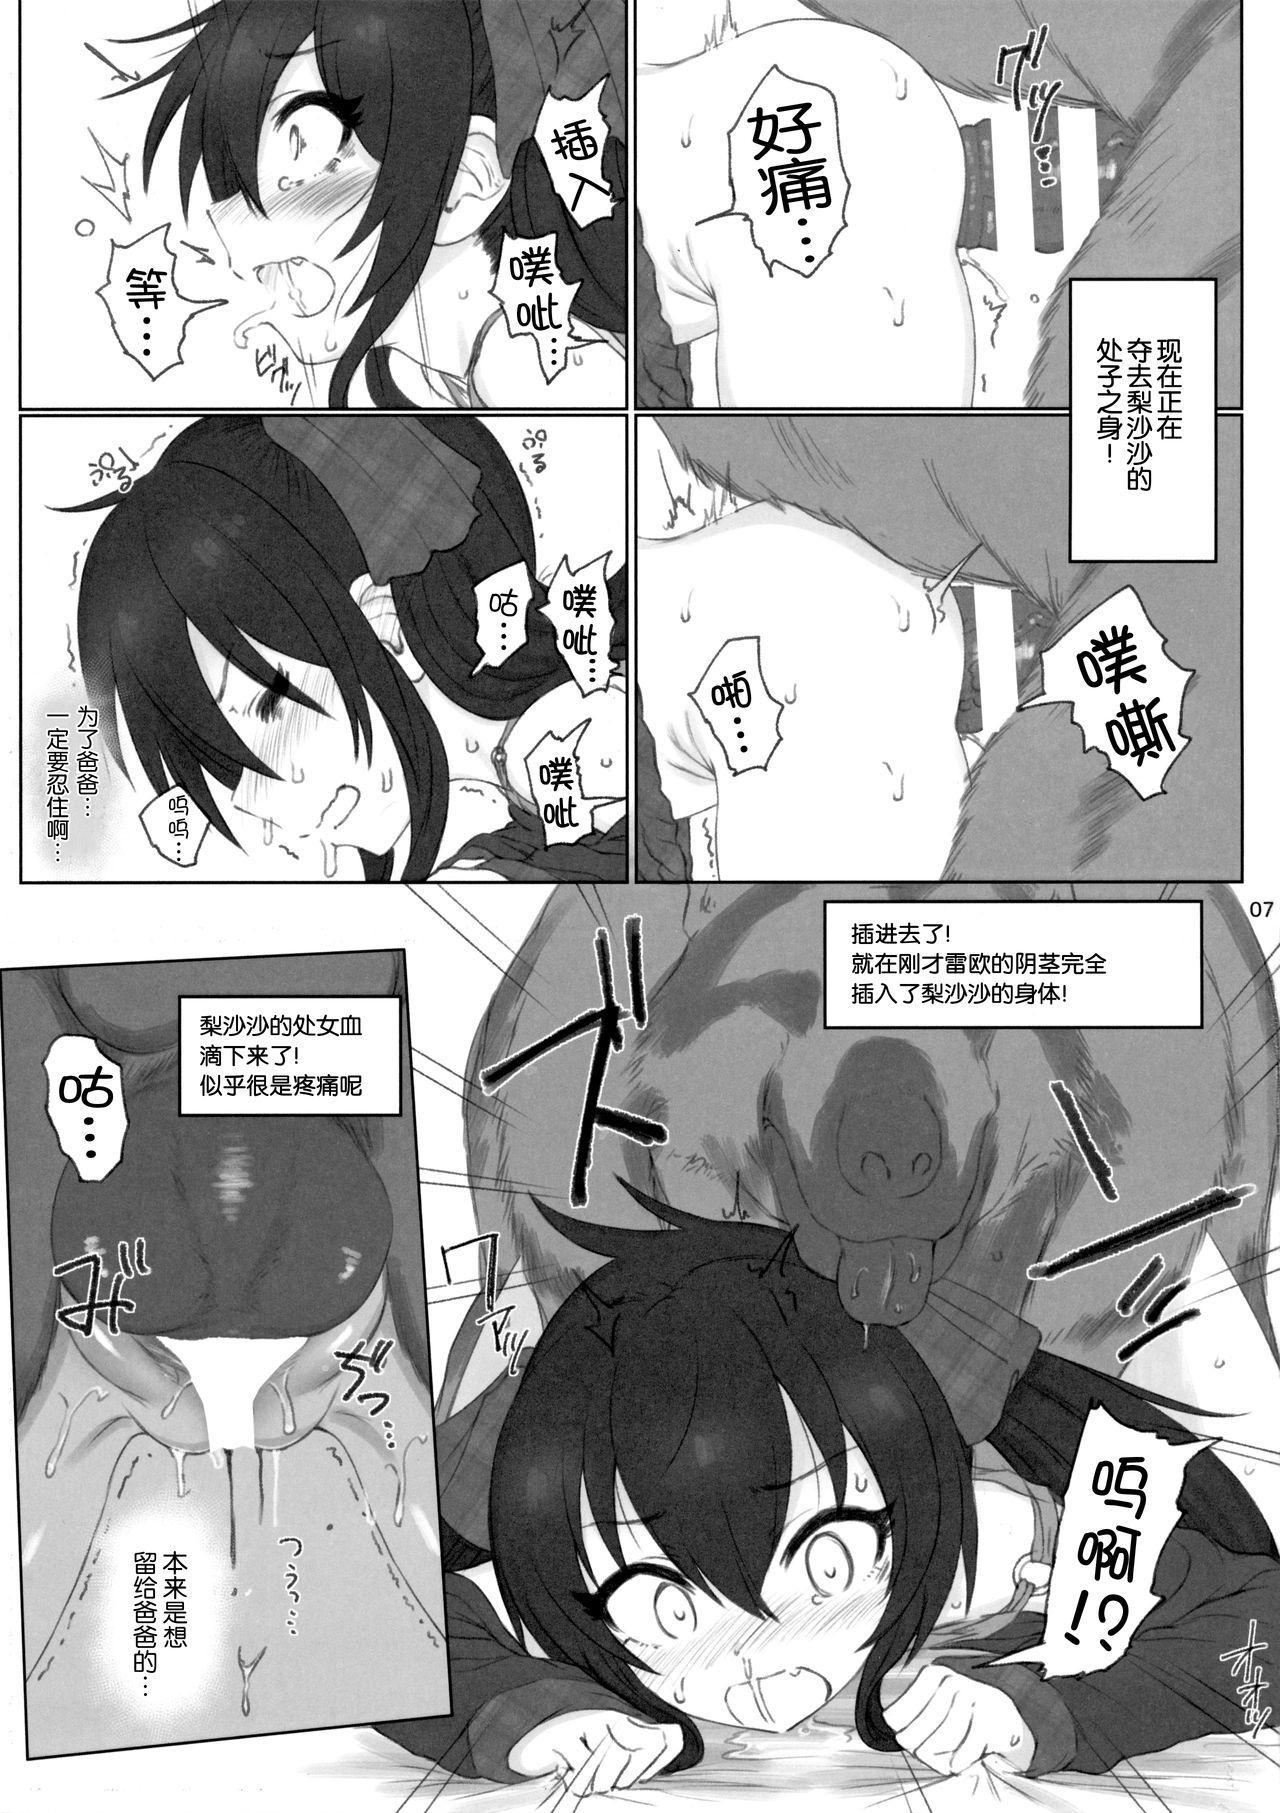 Matoba Risa-chan de Manabu Doubutsu no Koubi 6